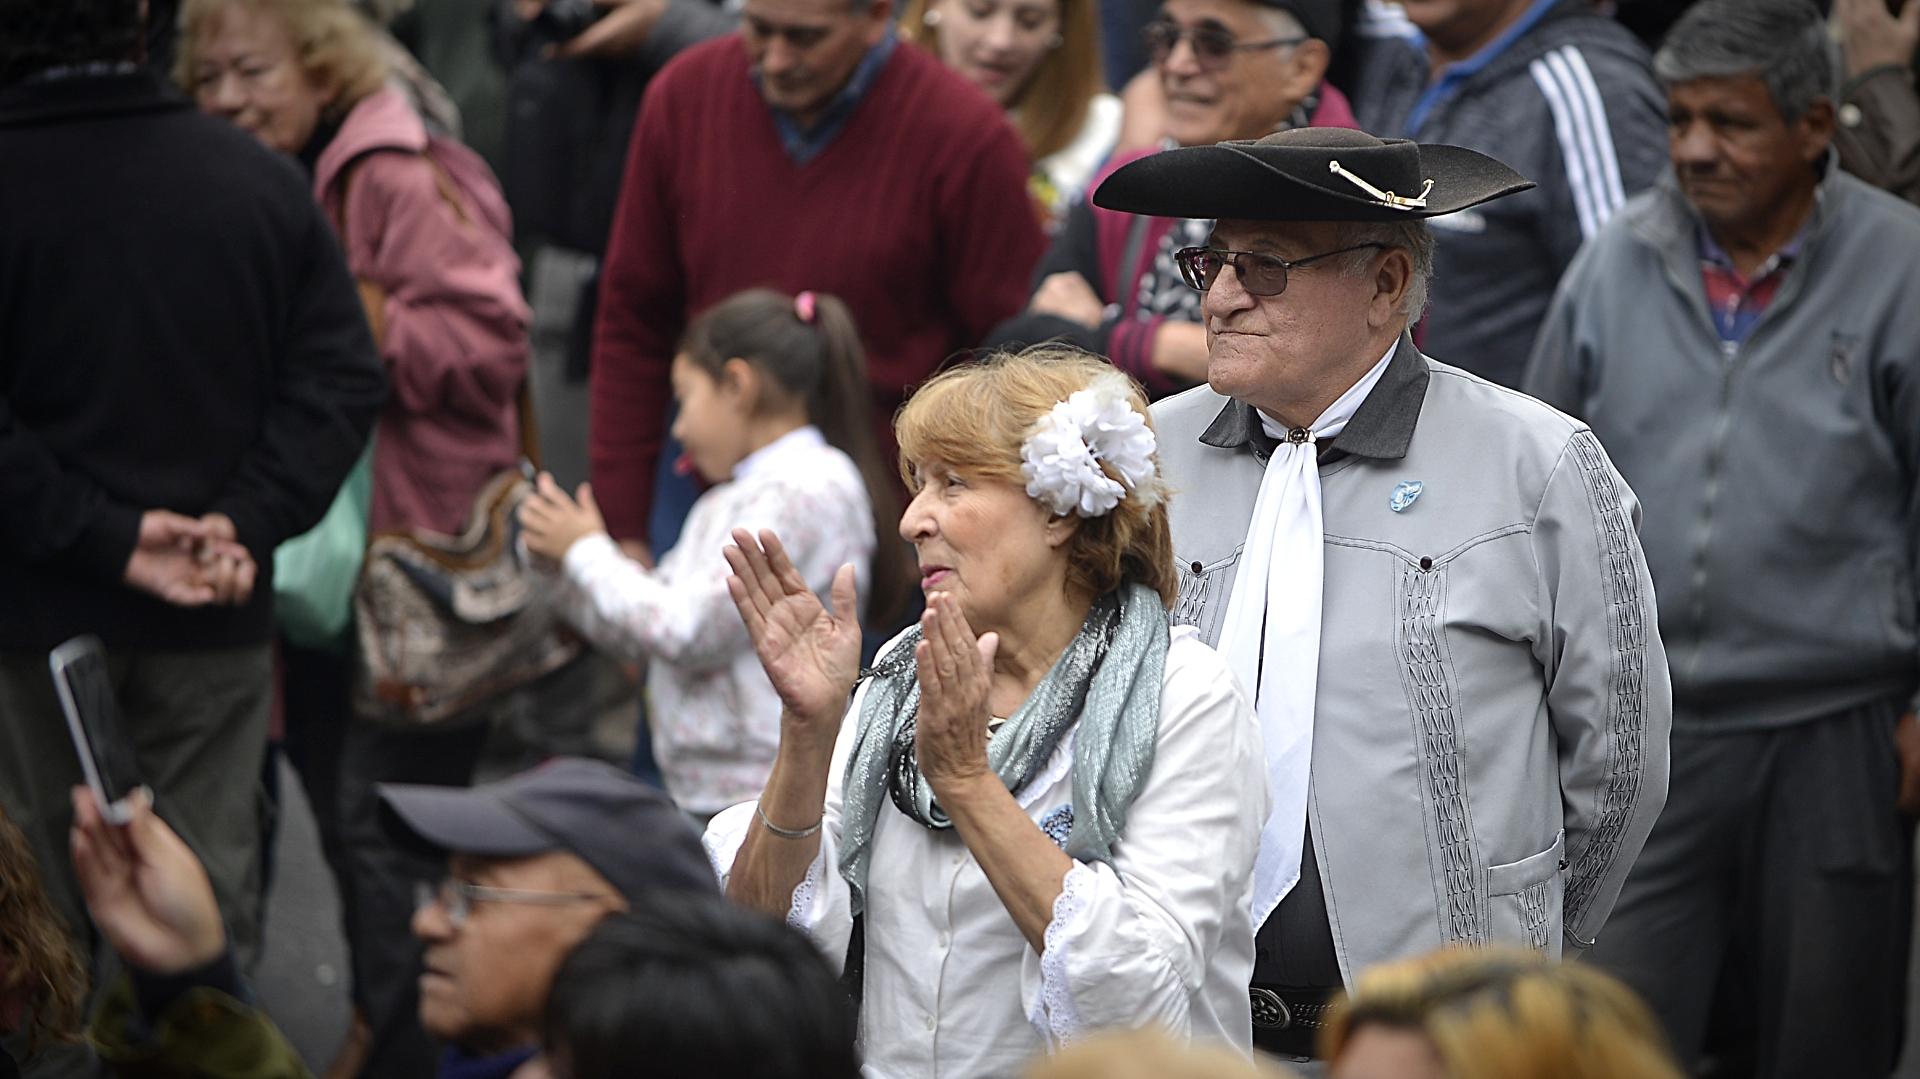 Familias y parejas de todas las edades estuvieron presentes en el festejo